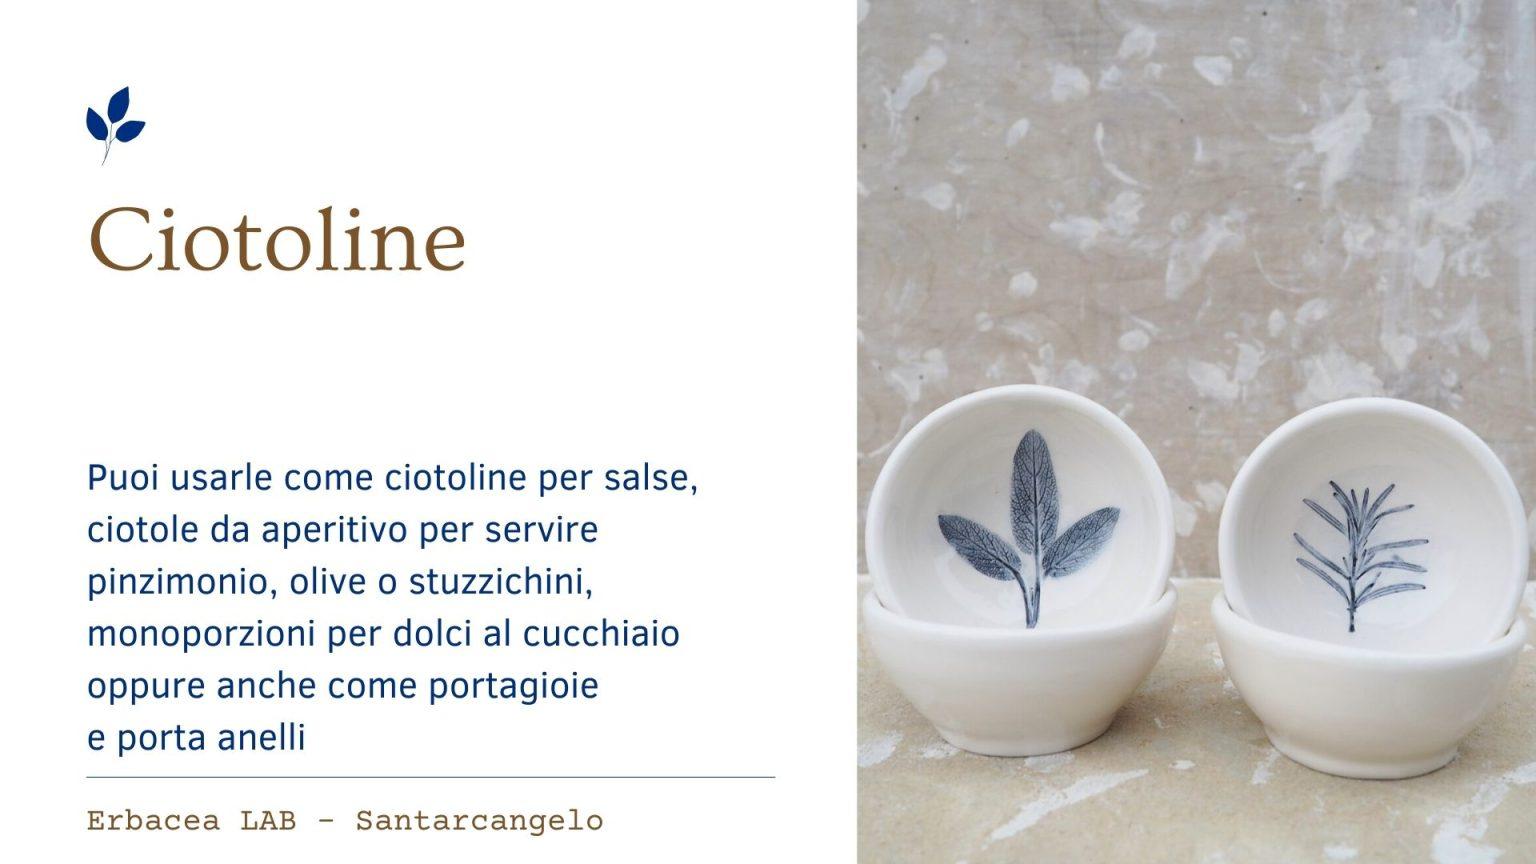 Bomboniere in Ceramica - ciotoline